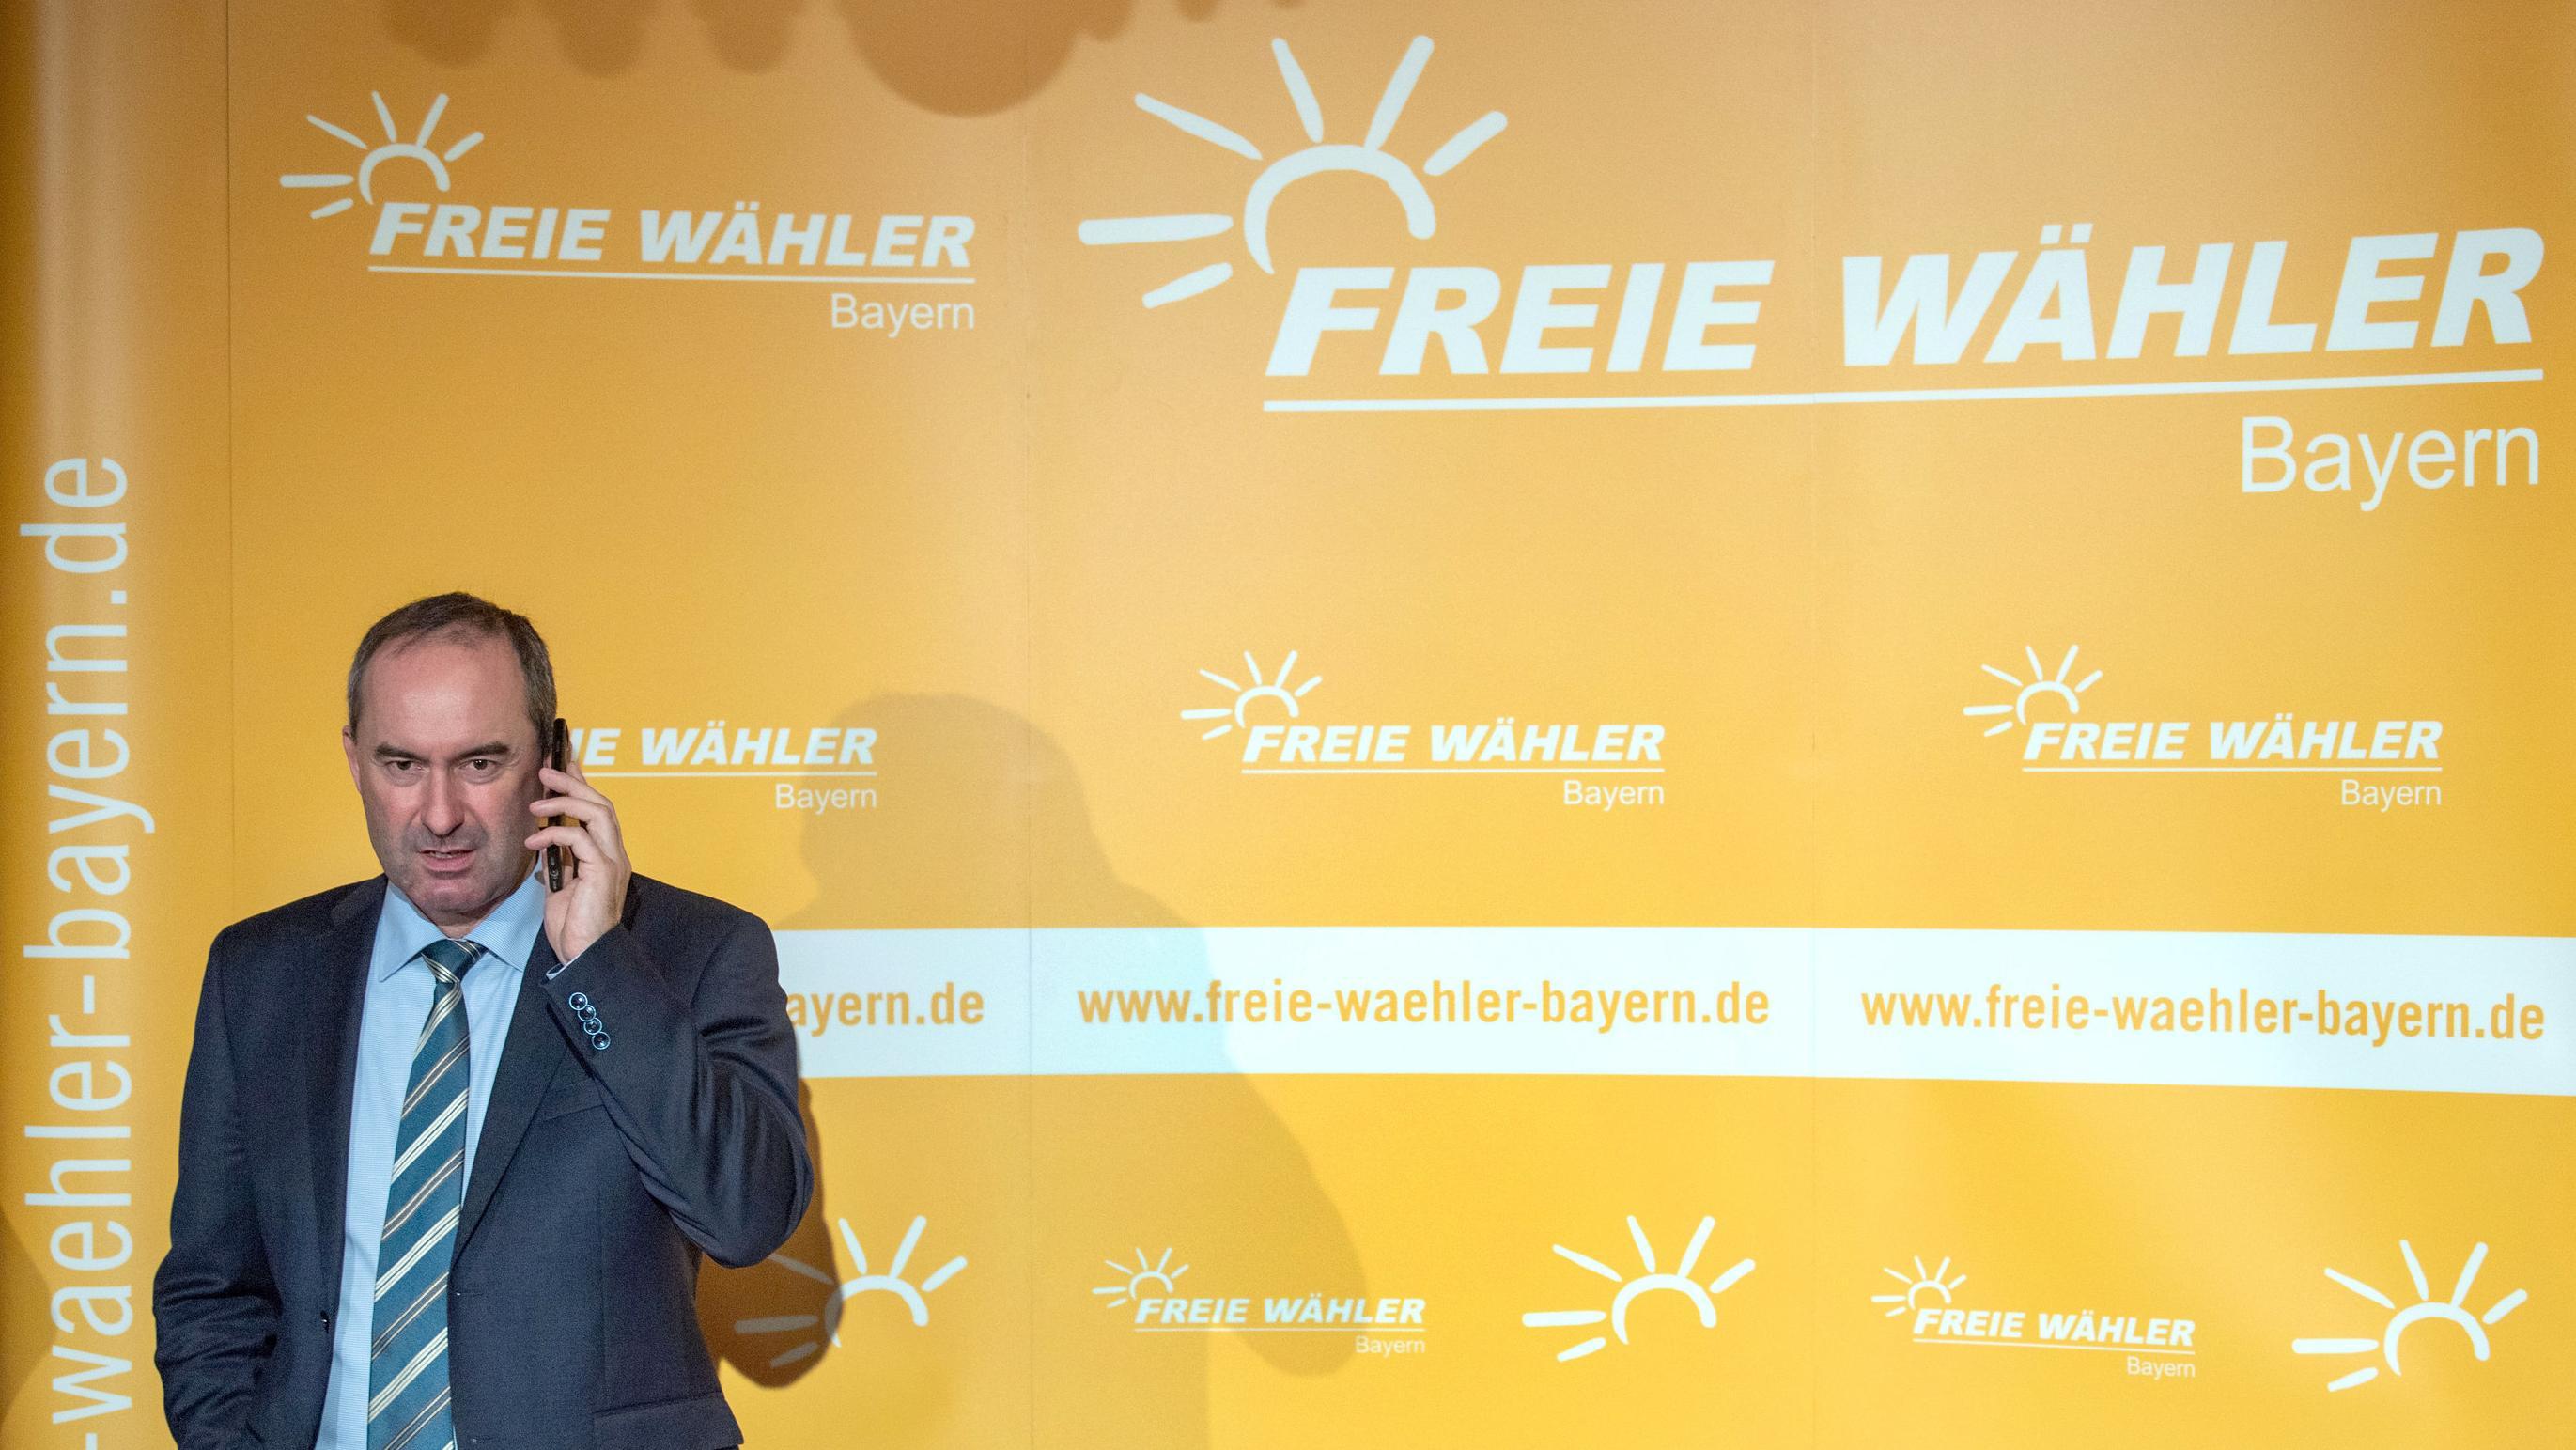 Bayerns Wirtschaftsminister Aiwanger (Freie Wähler) sorgt für reichlich Wirbel